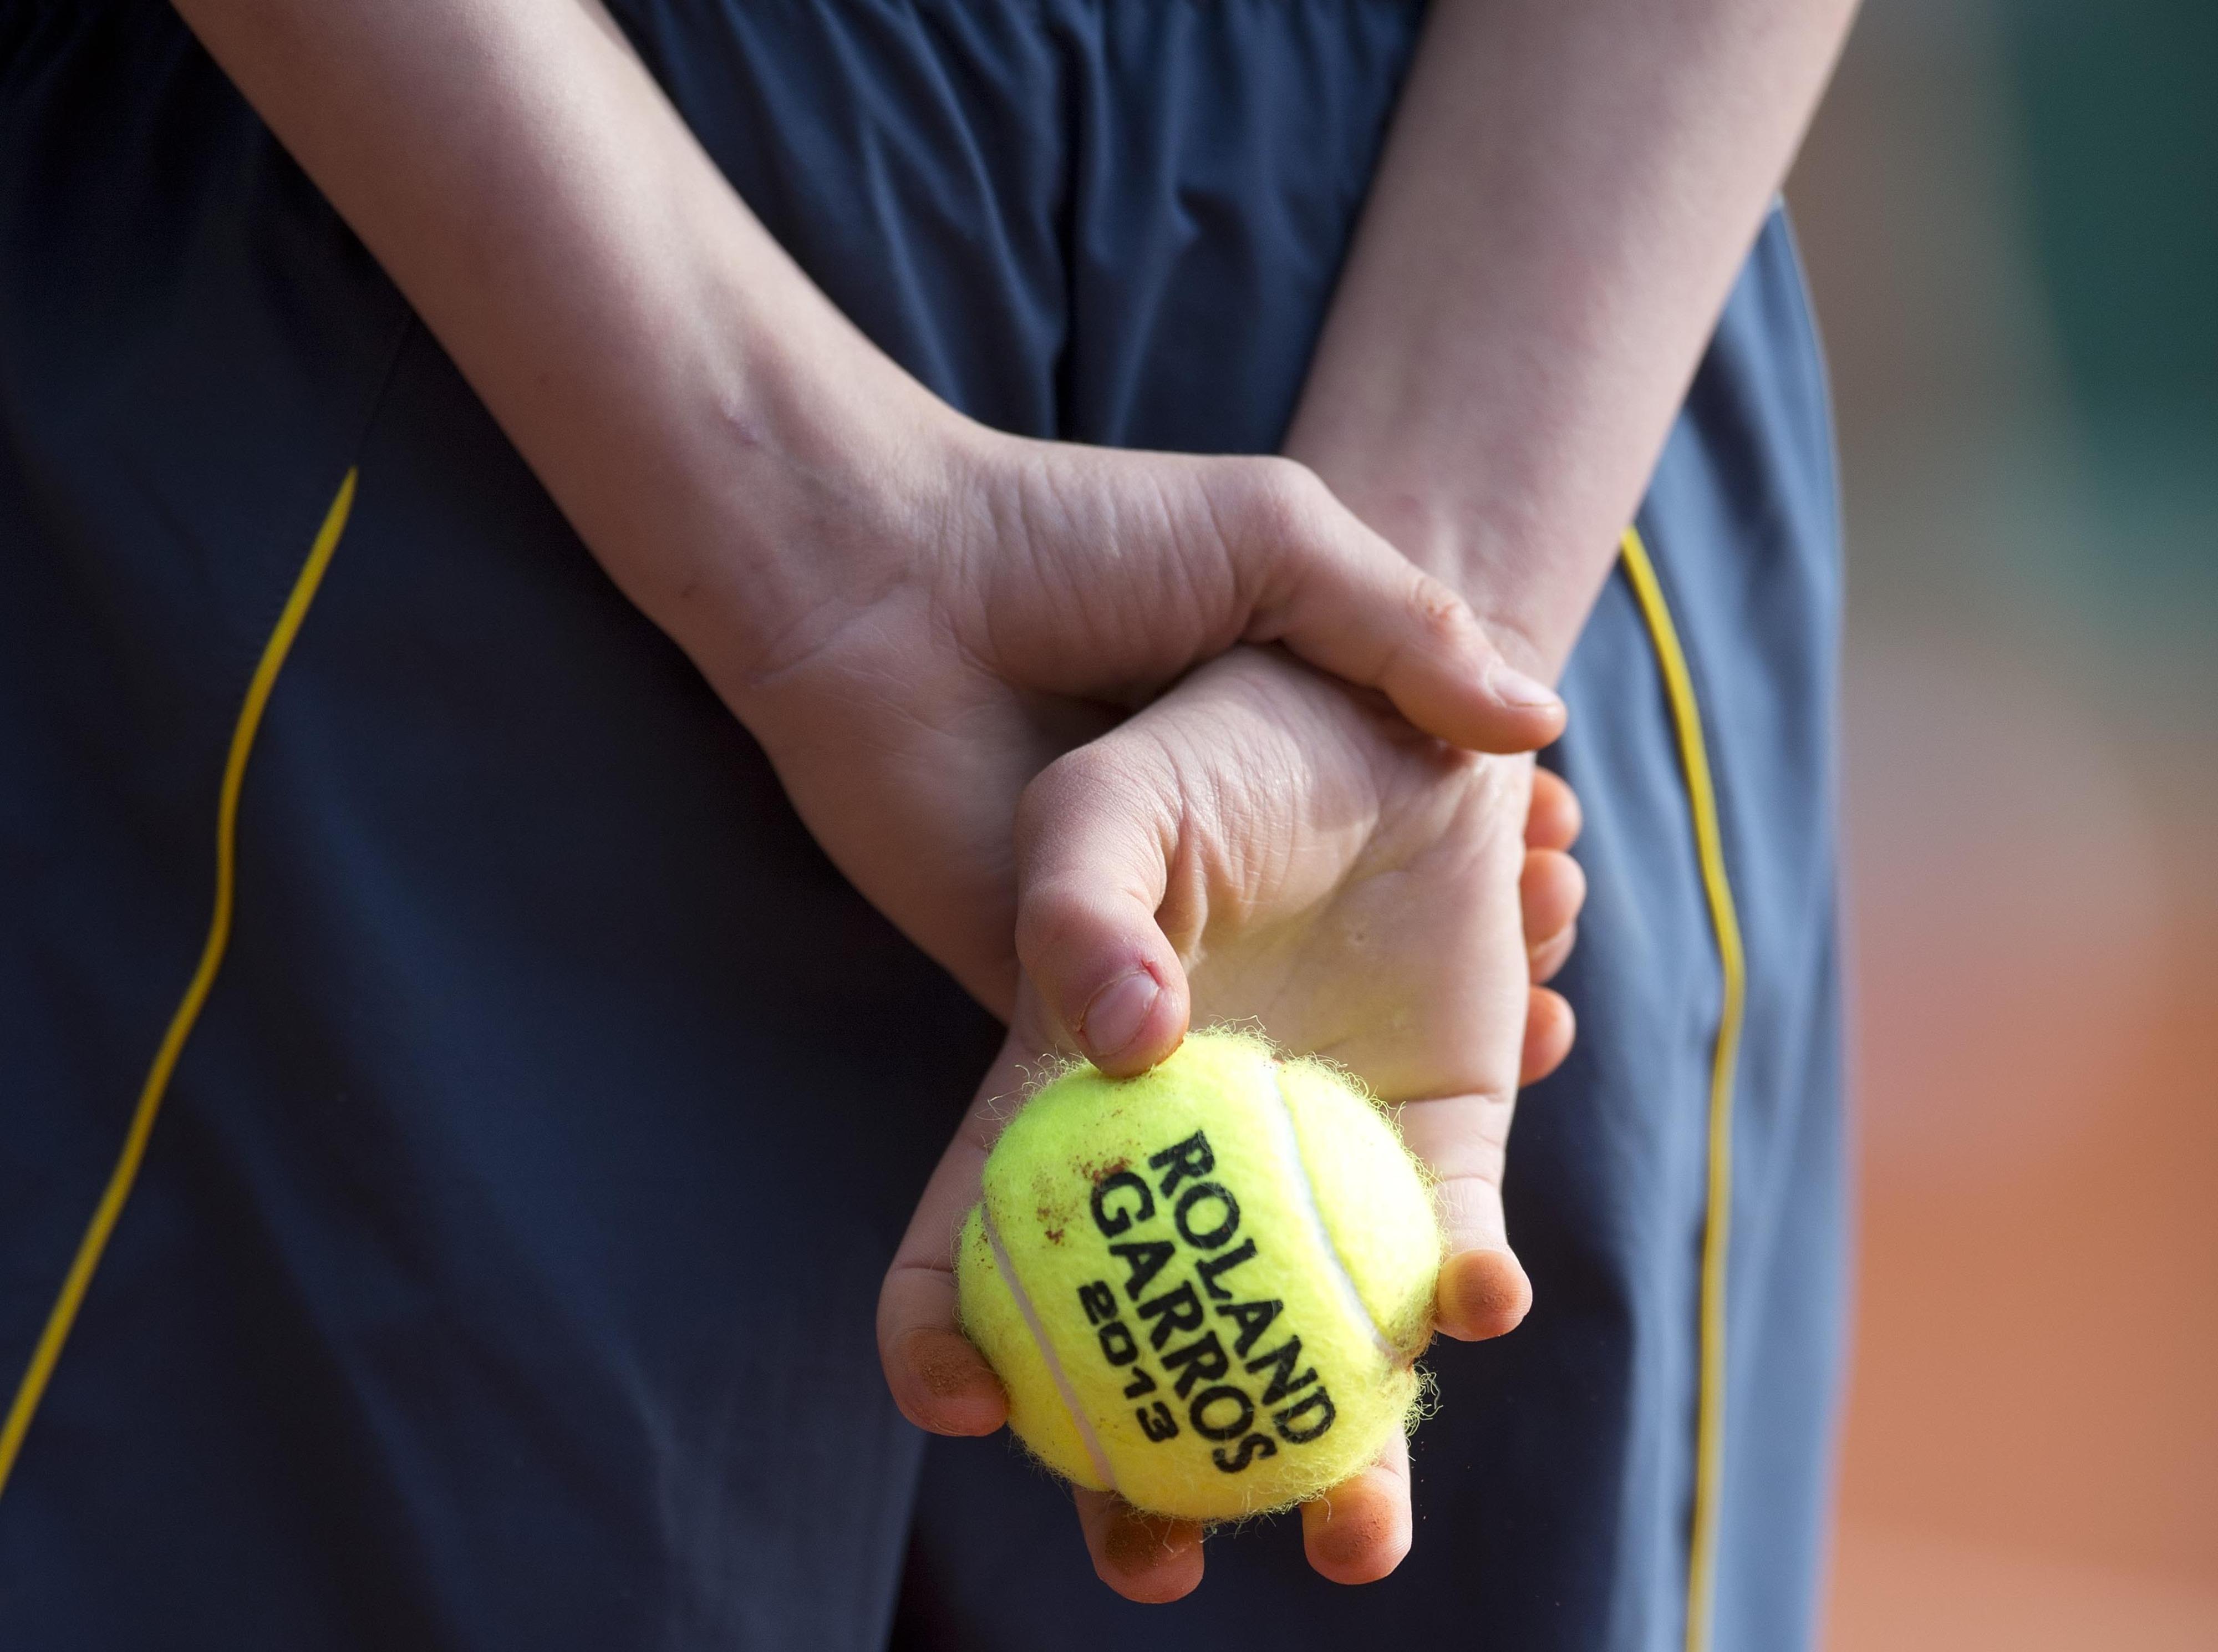 Hey, it's a tennis ball!